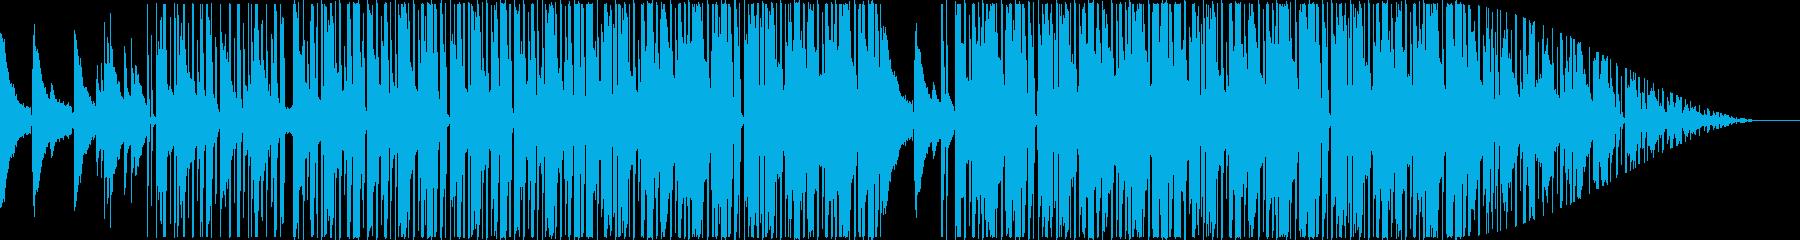 ピアノが心地良いローファイの再生済みの波形